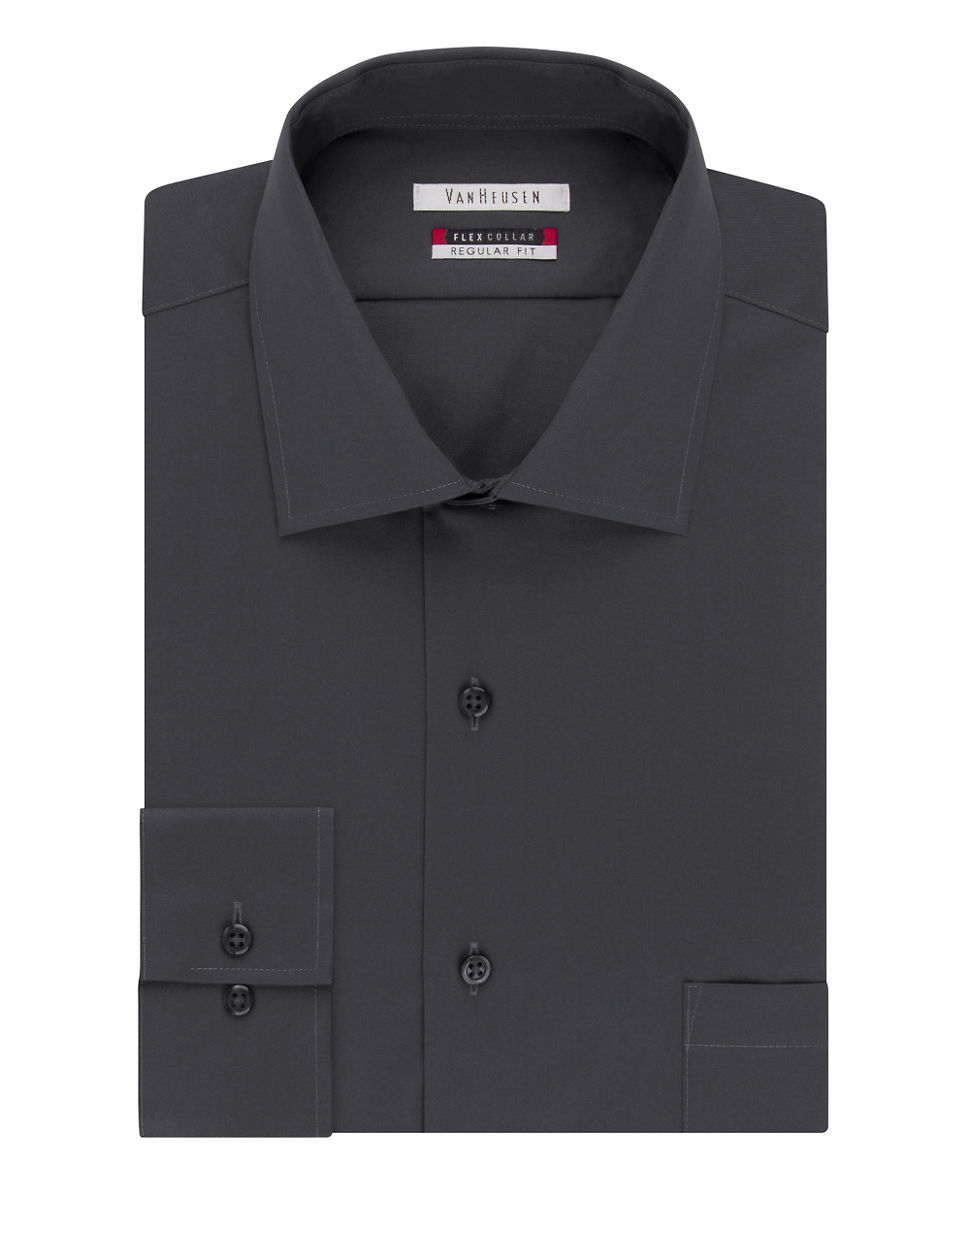 Van heusen flex collar dress shirt for men lyst for Van heusen shirts flex collar